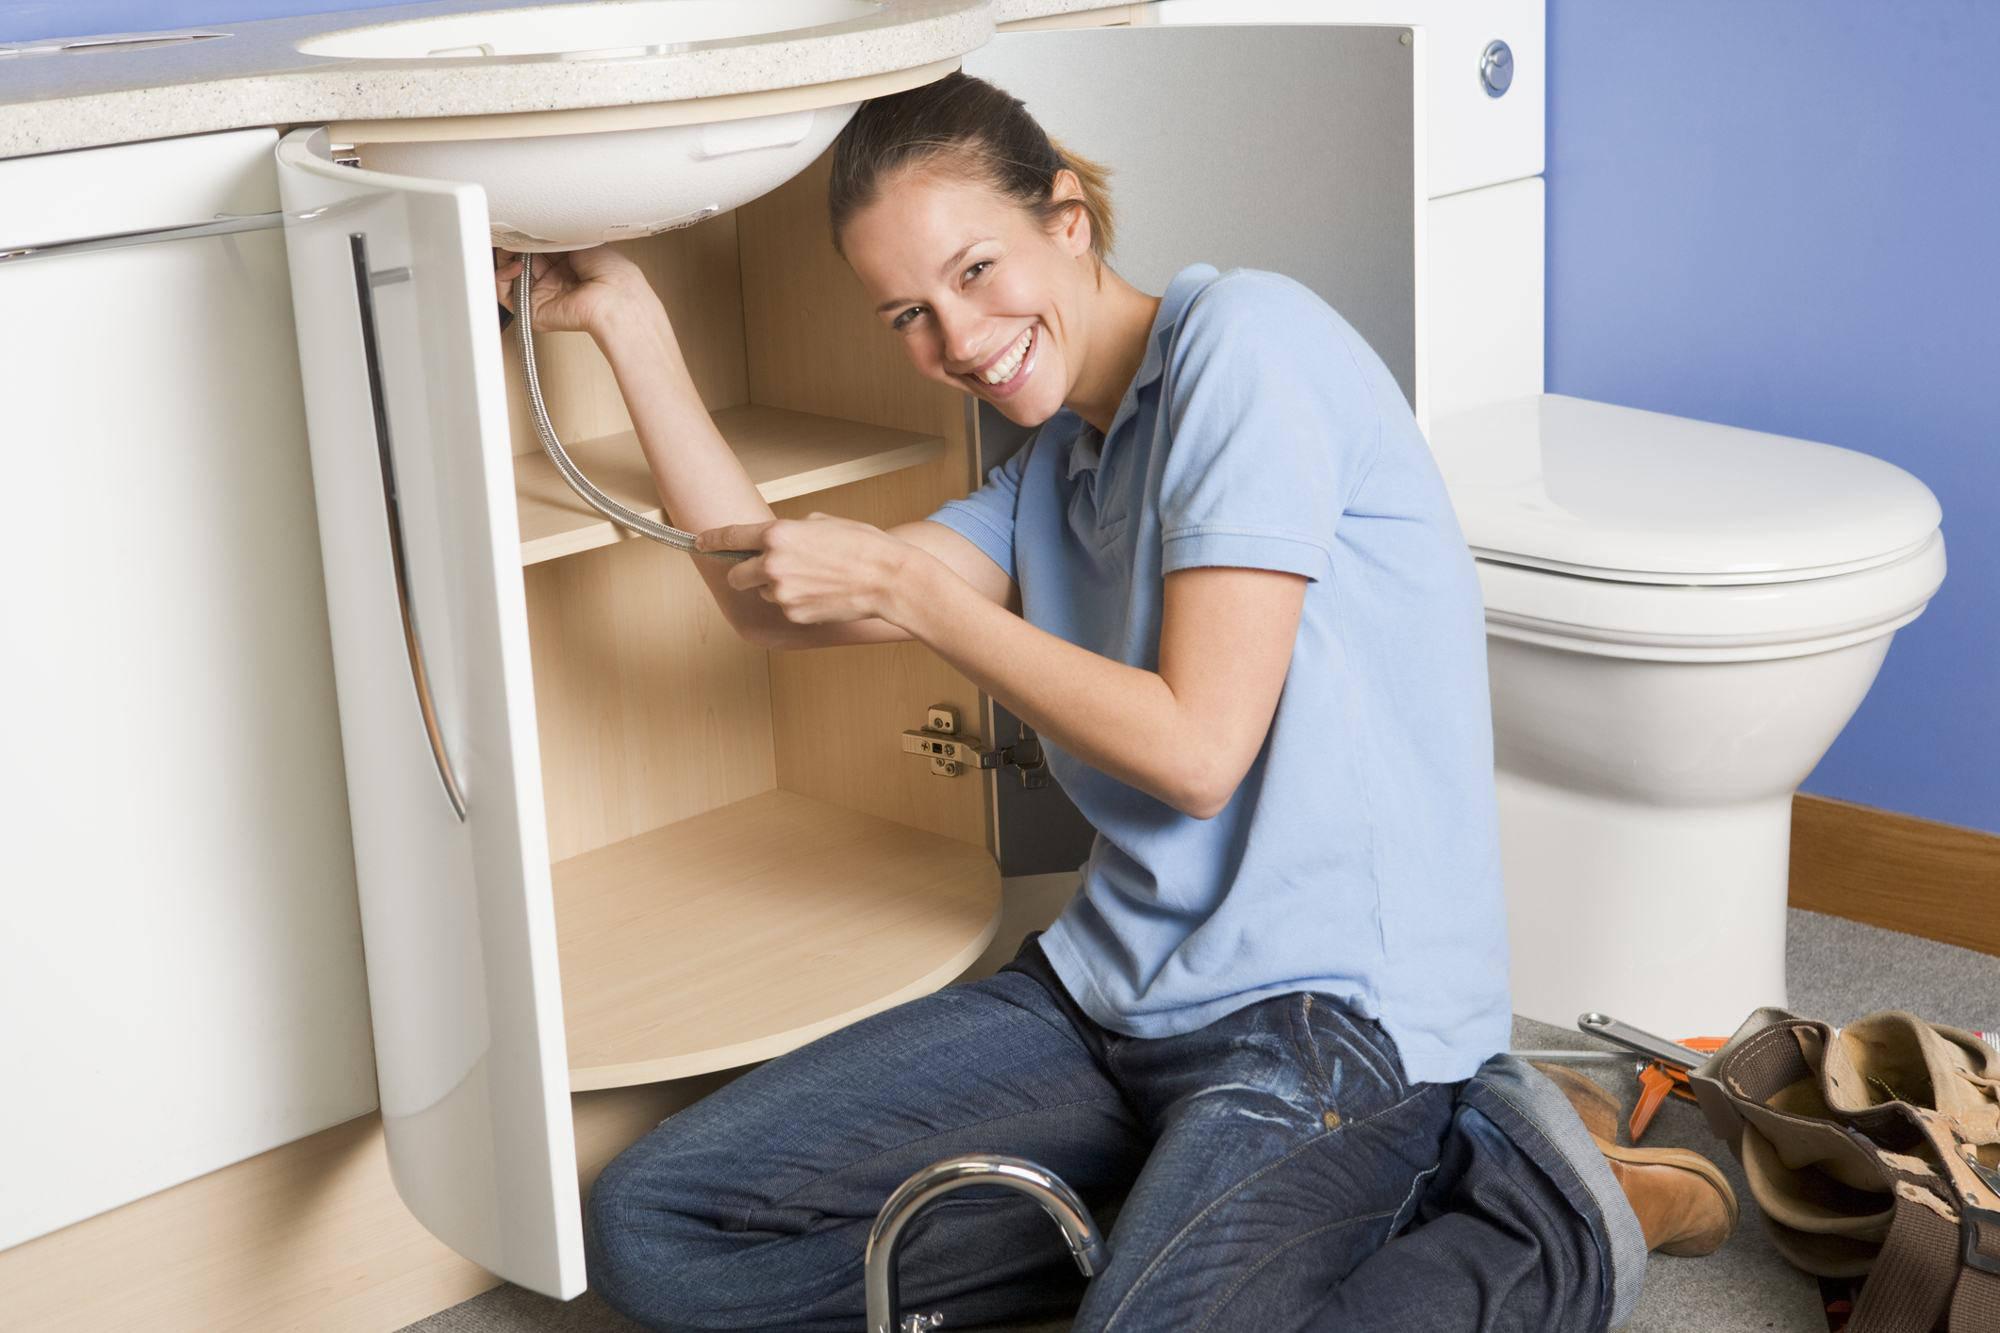 Salle de bain comment choisir et installer un meuble - Comment installer un lavabo de salle de bain ...